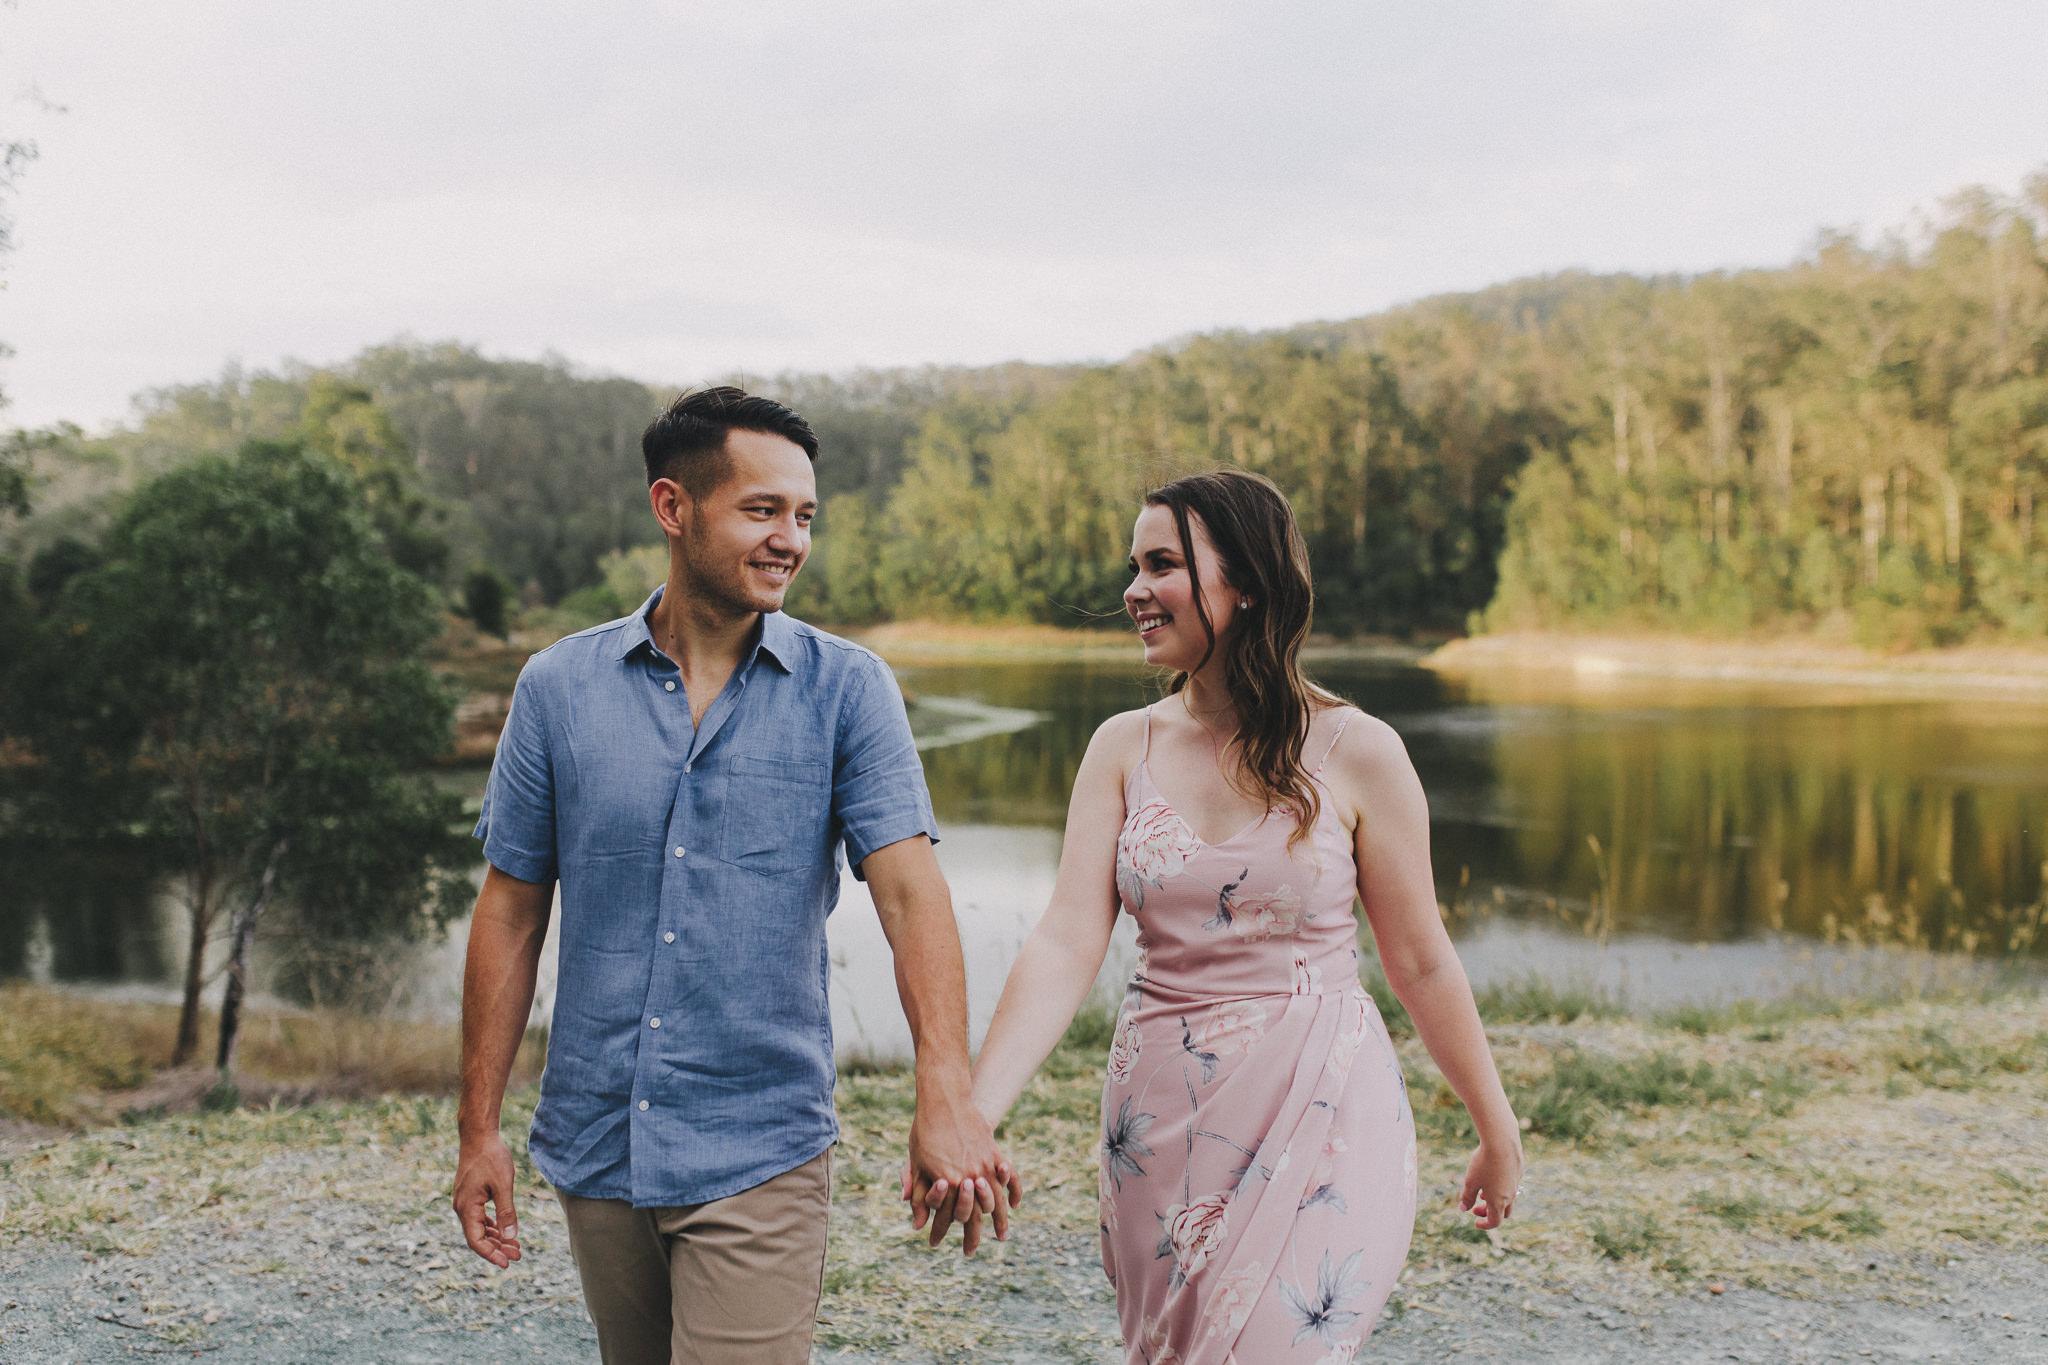 Chantelle&Connor-Engagement-resized-117 - Family Photoshoots Brisbane